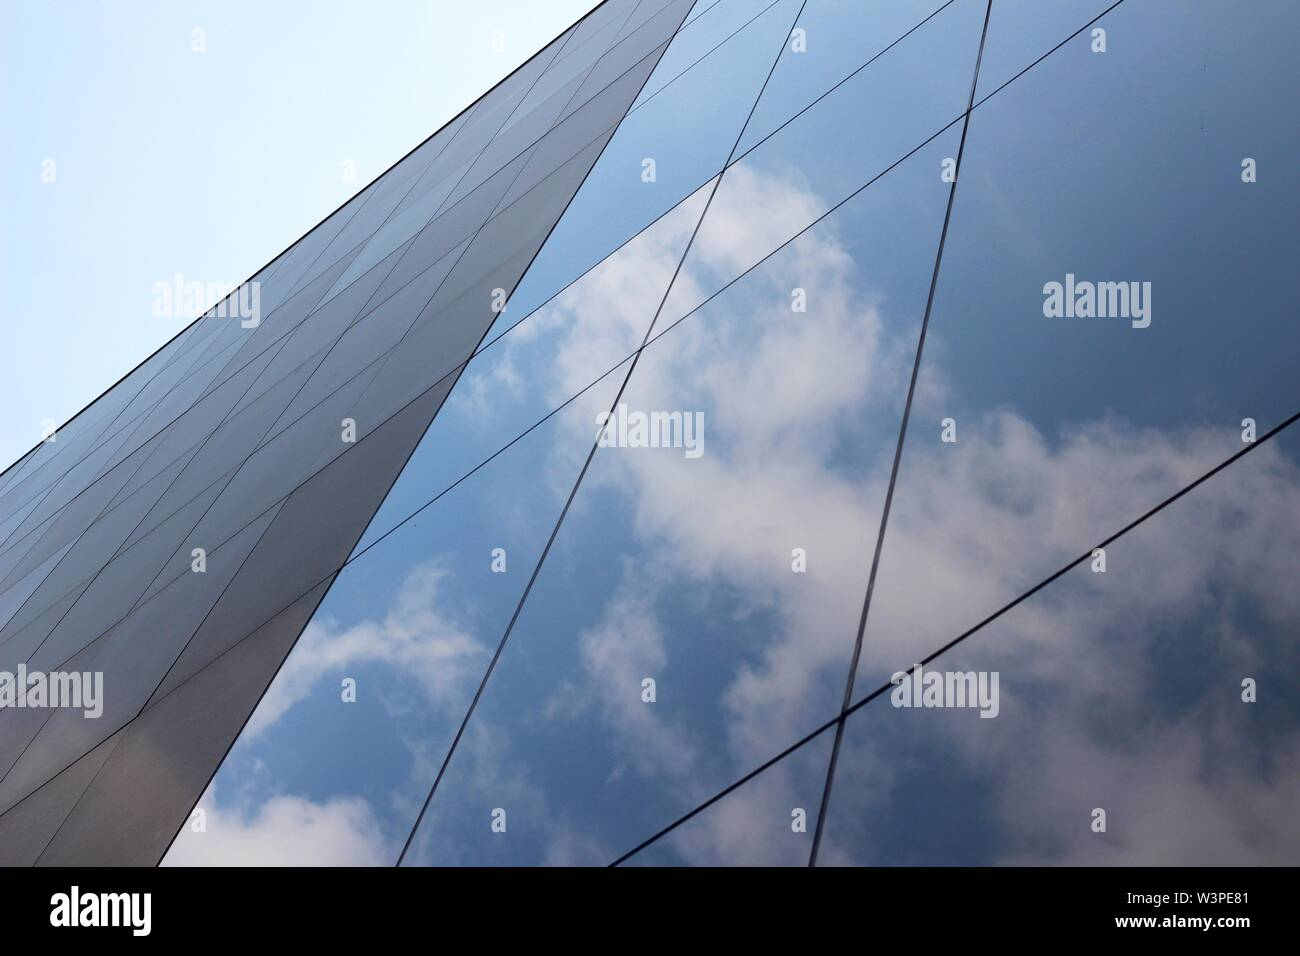 Un angle bas tourné d'un gratte-ciel en verre de bâtiment d'affaires avec un reflet de nuages et le ciel sur elle Photo Stock